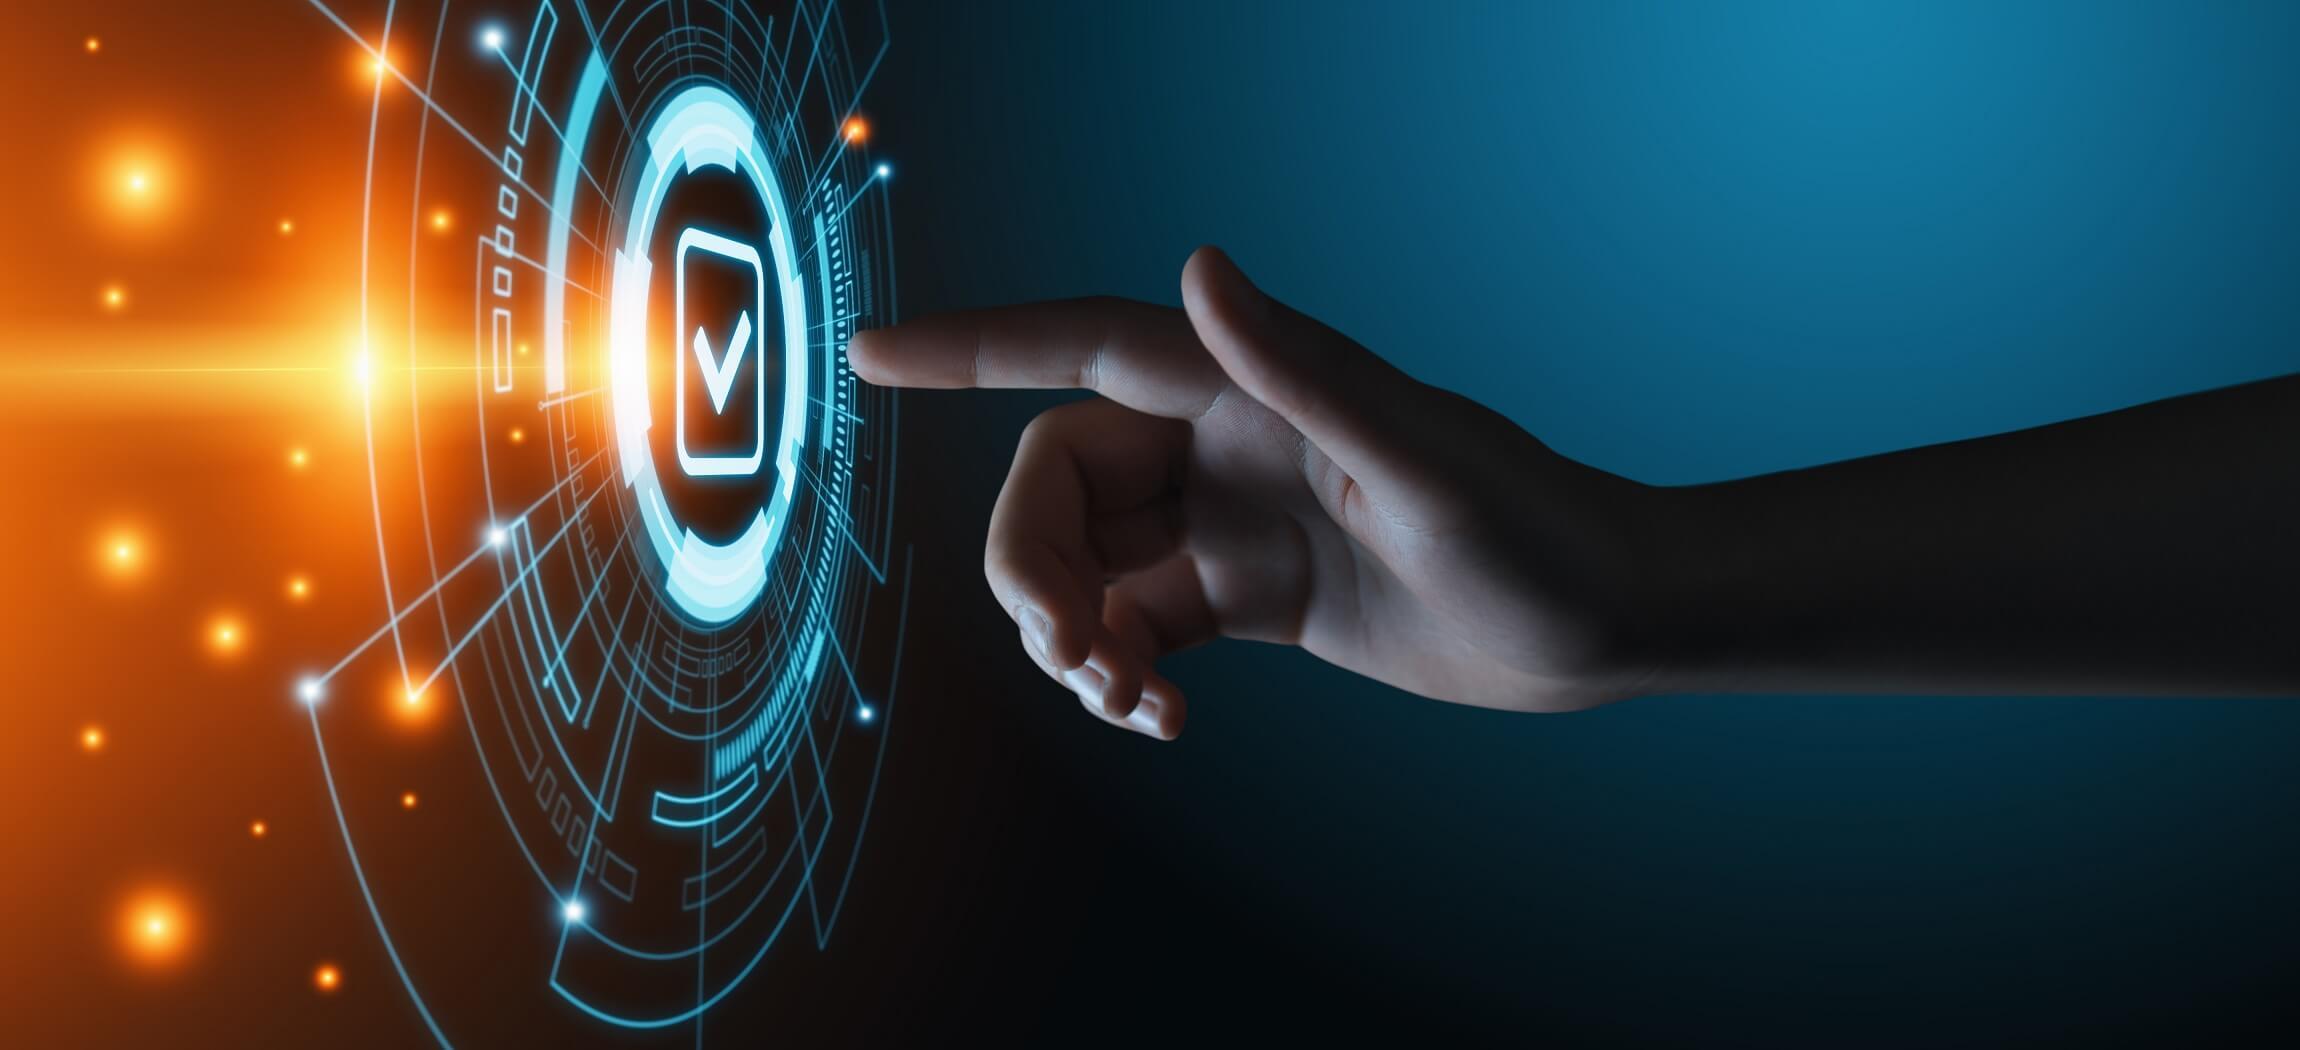 ارتباط با نبض دیجیتال فناوری گجت تکنولوژی گجت اطلاعرسانی